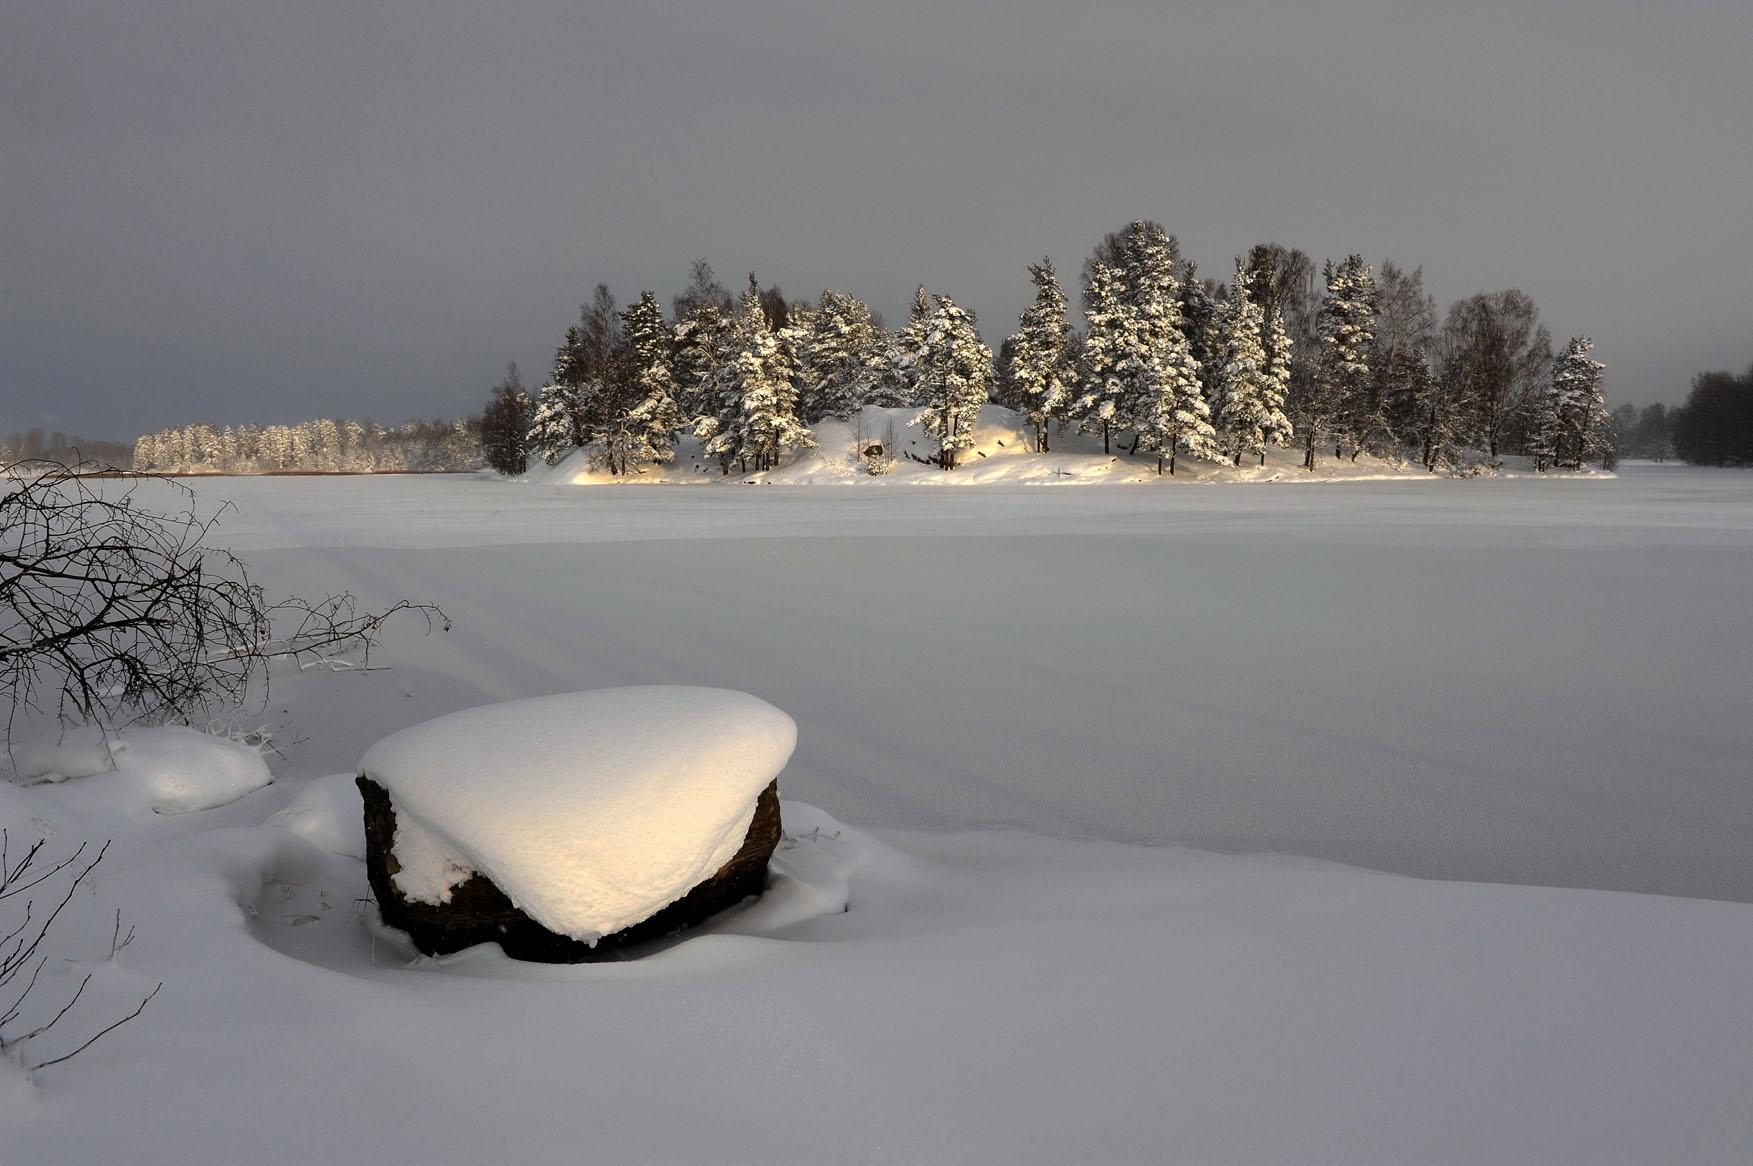 И в серый день бывает луч надежды.... Автор фото: Костюкевич Сергей , г.Санкт-Петербург